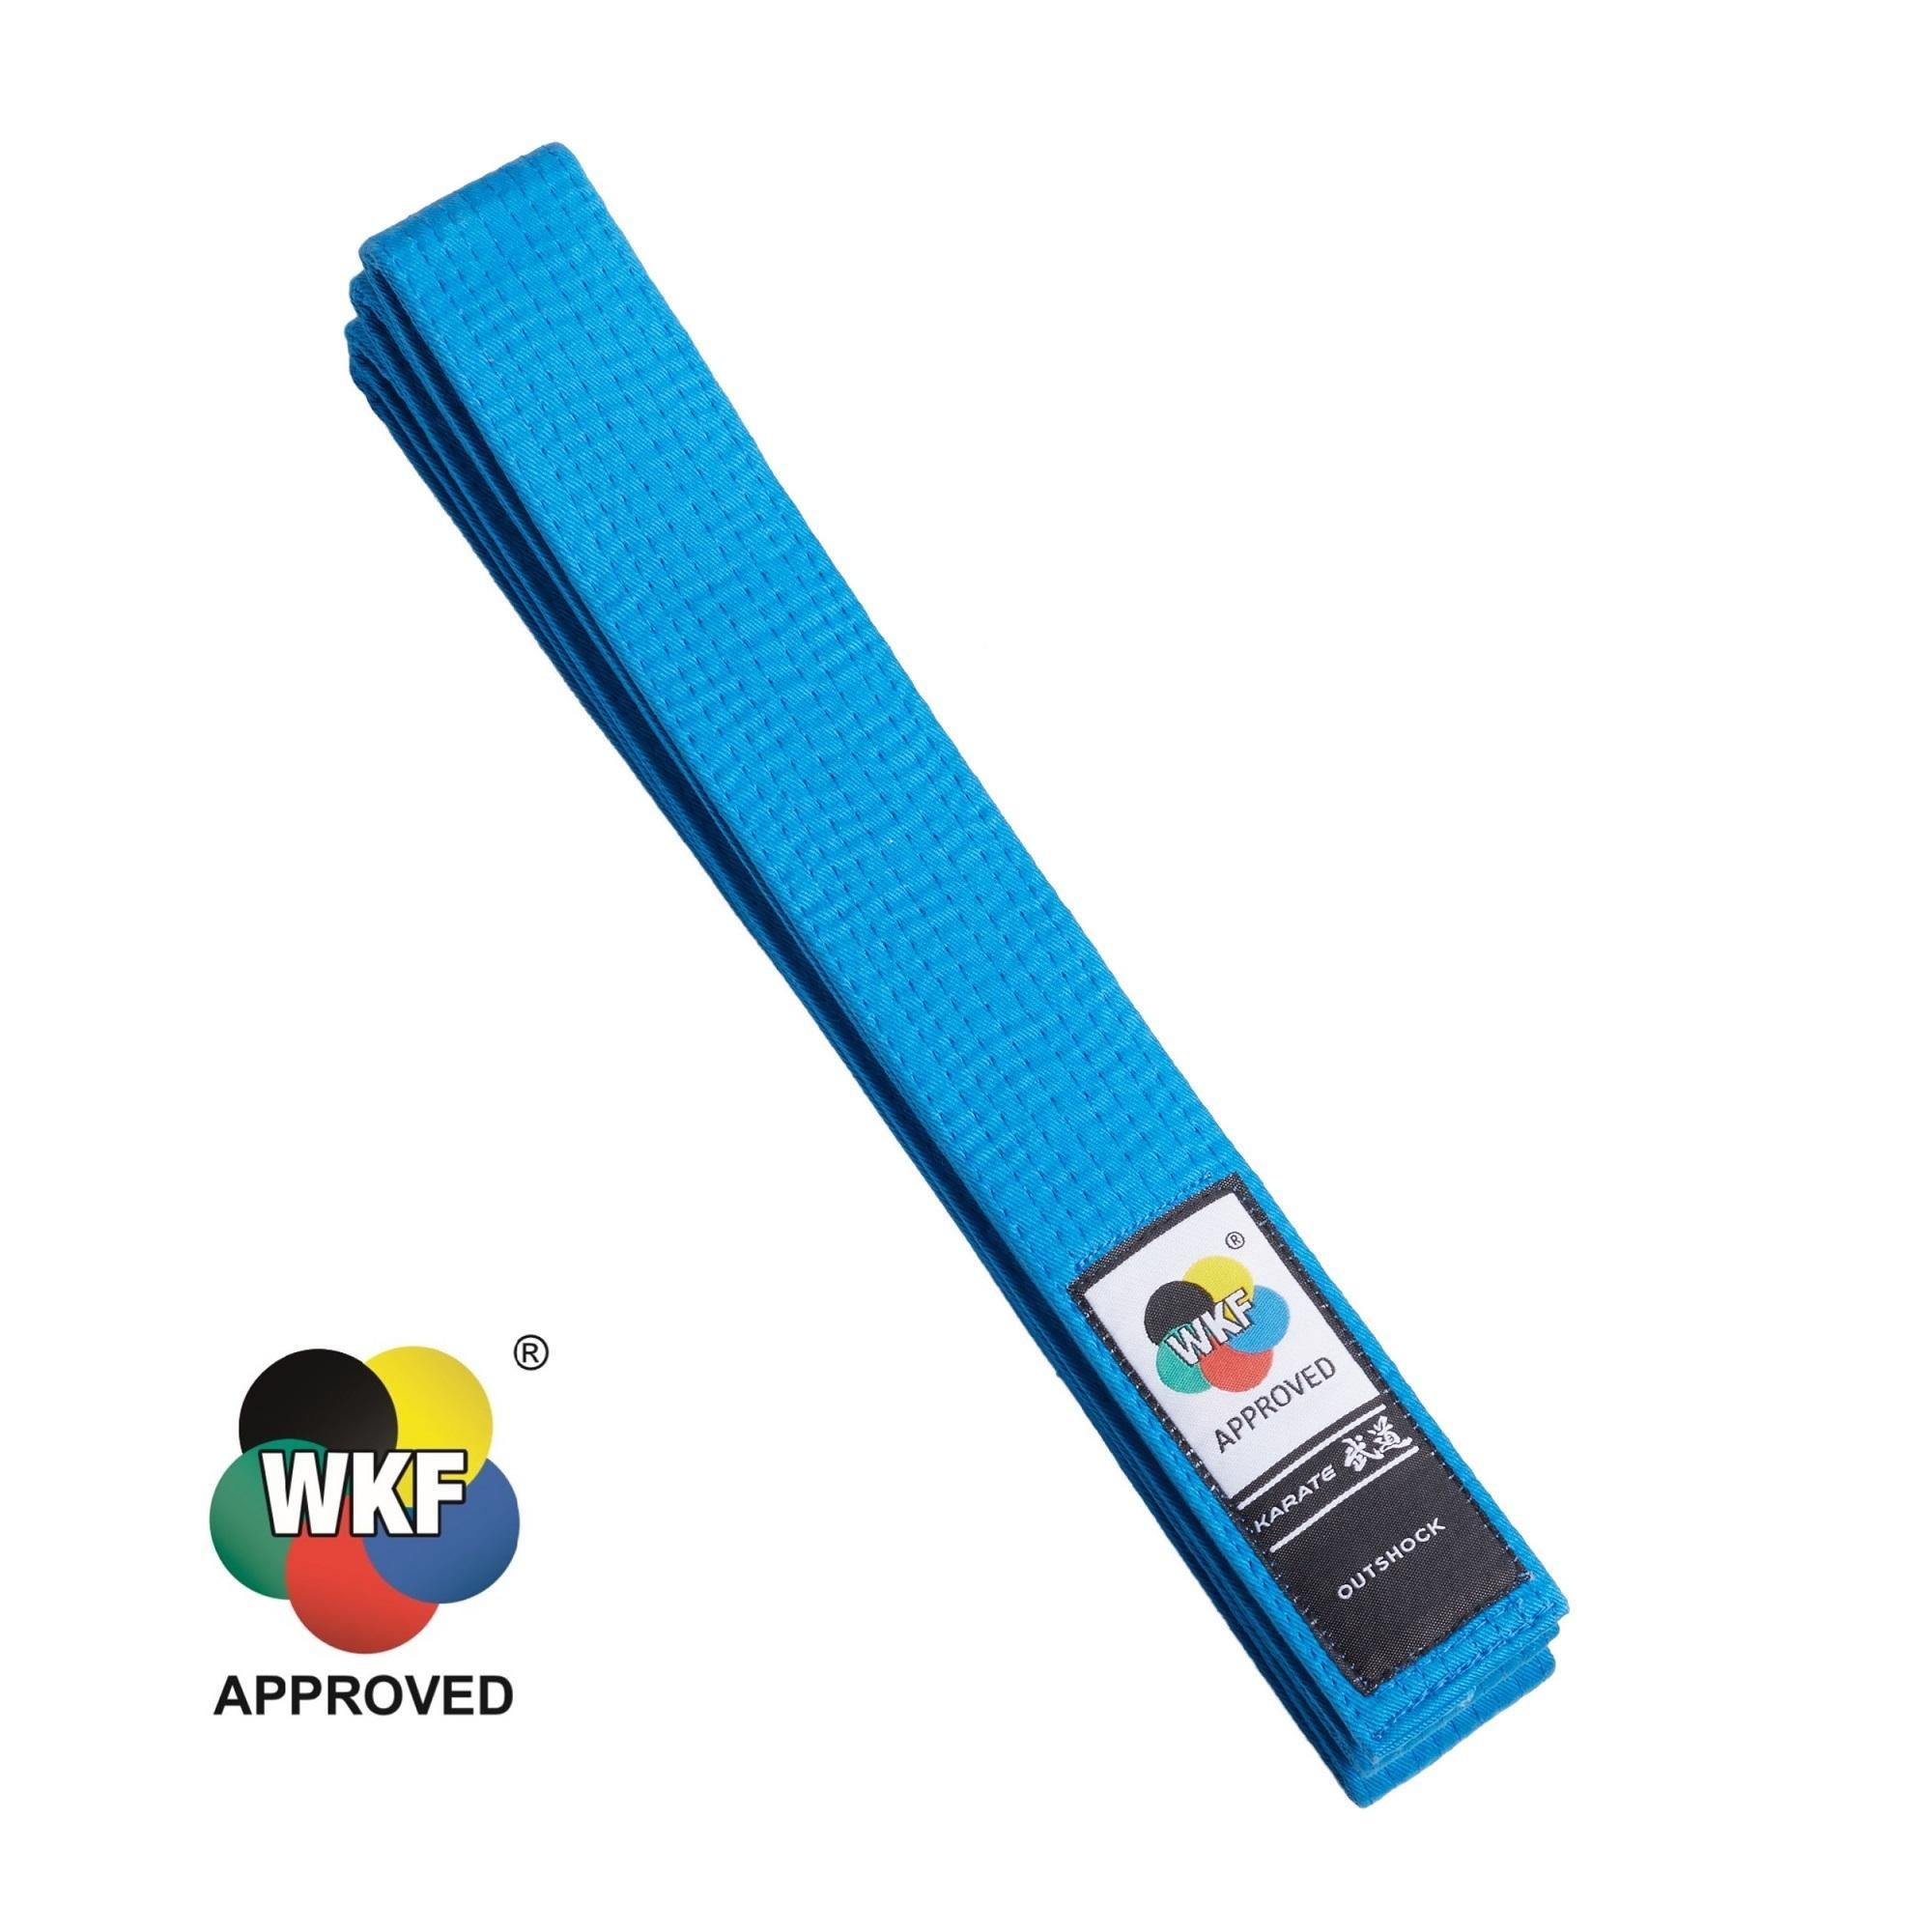 Centură Karate WKF 2.8 M imagine